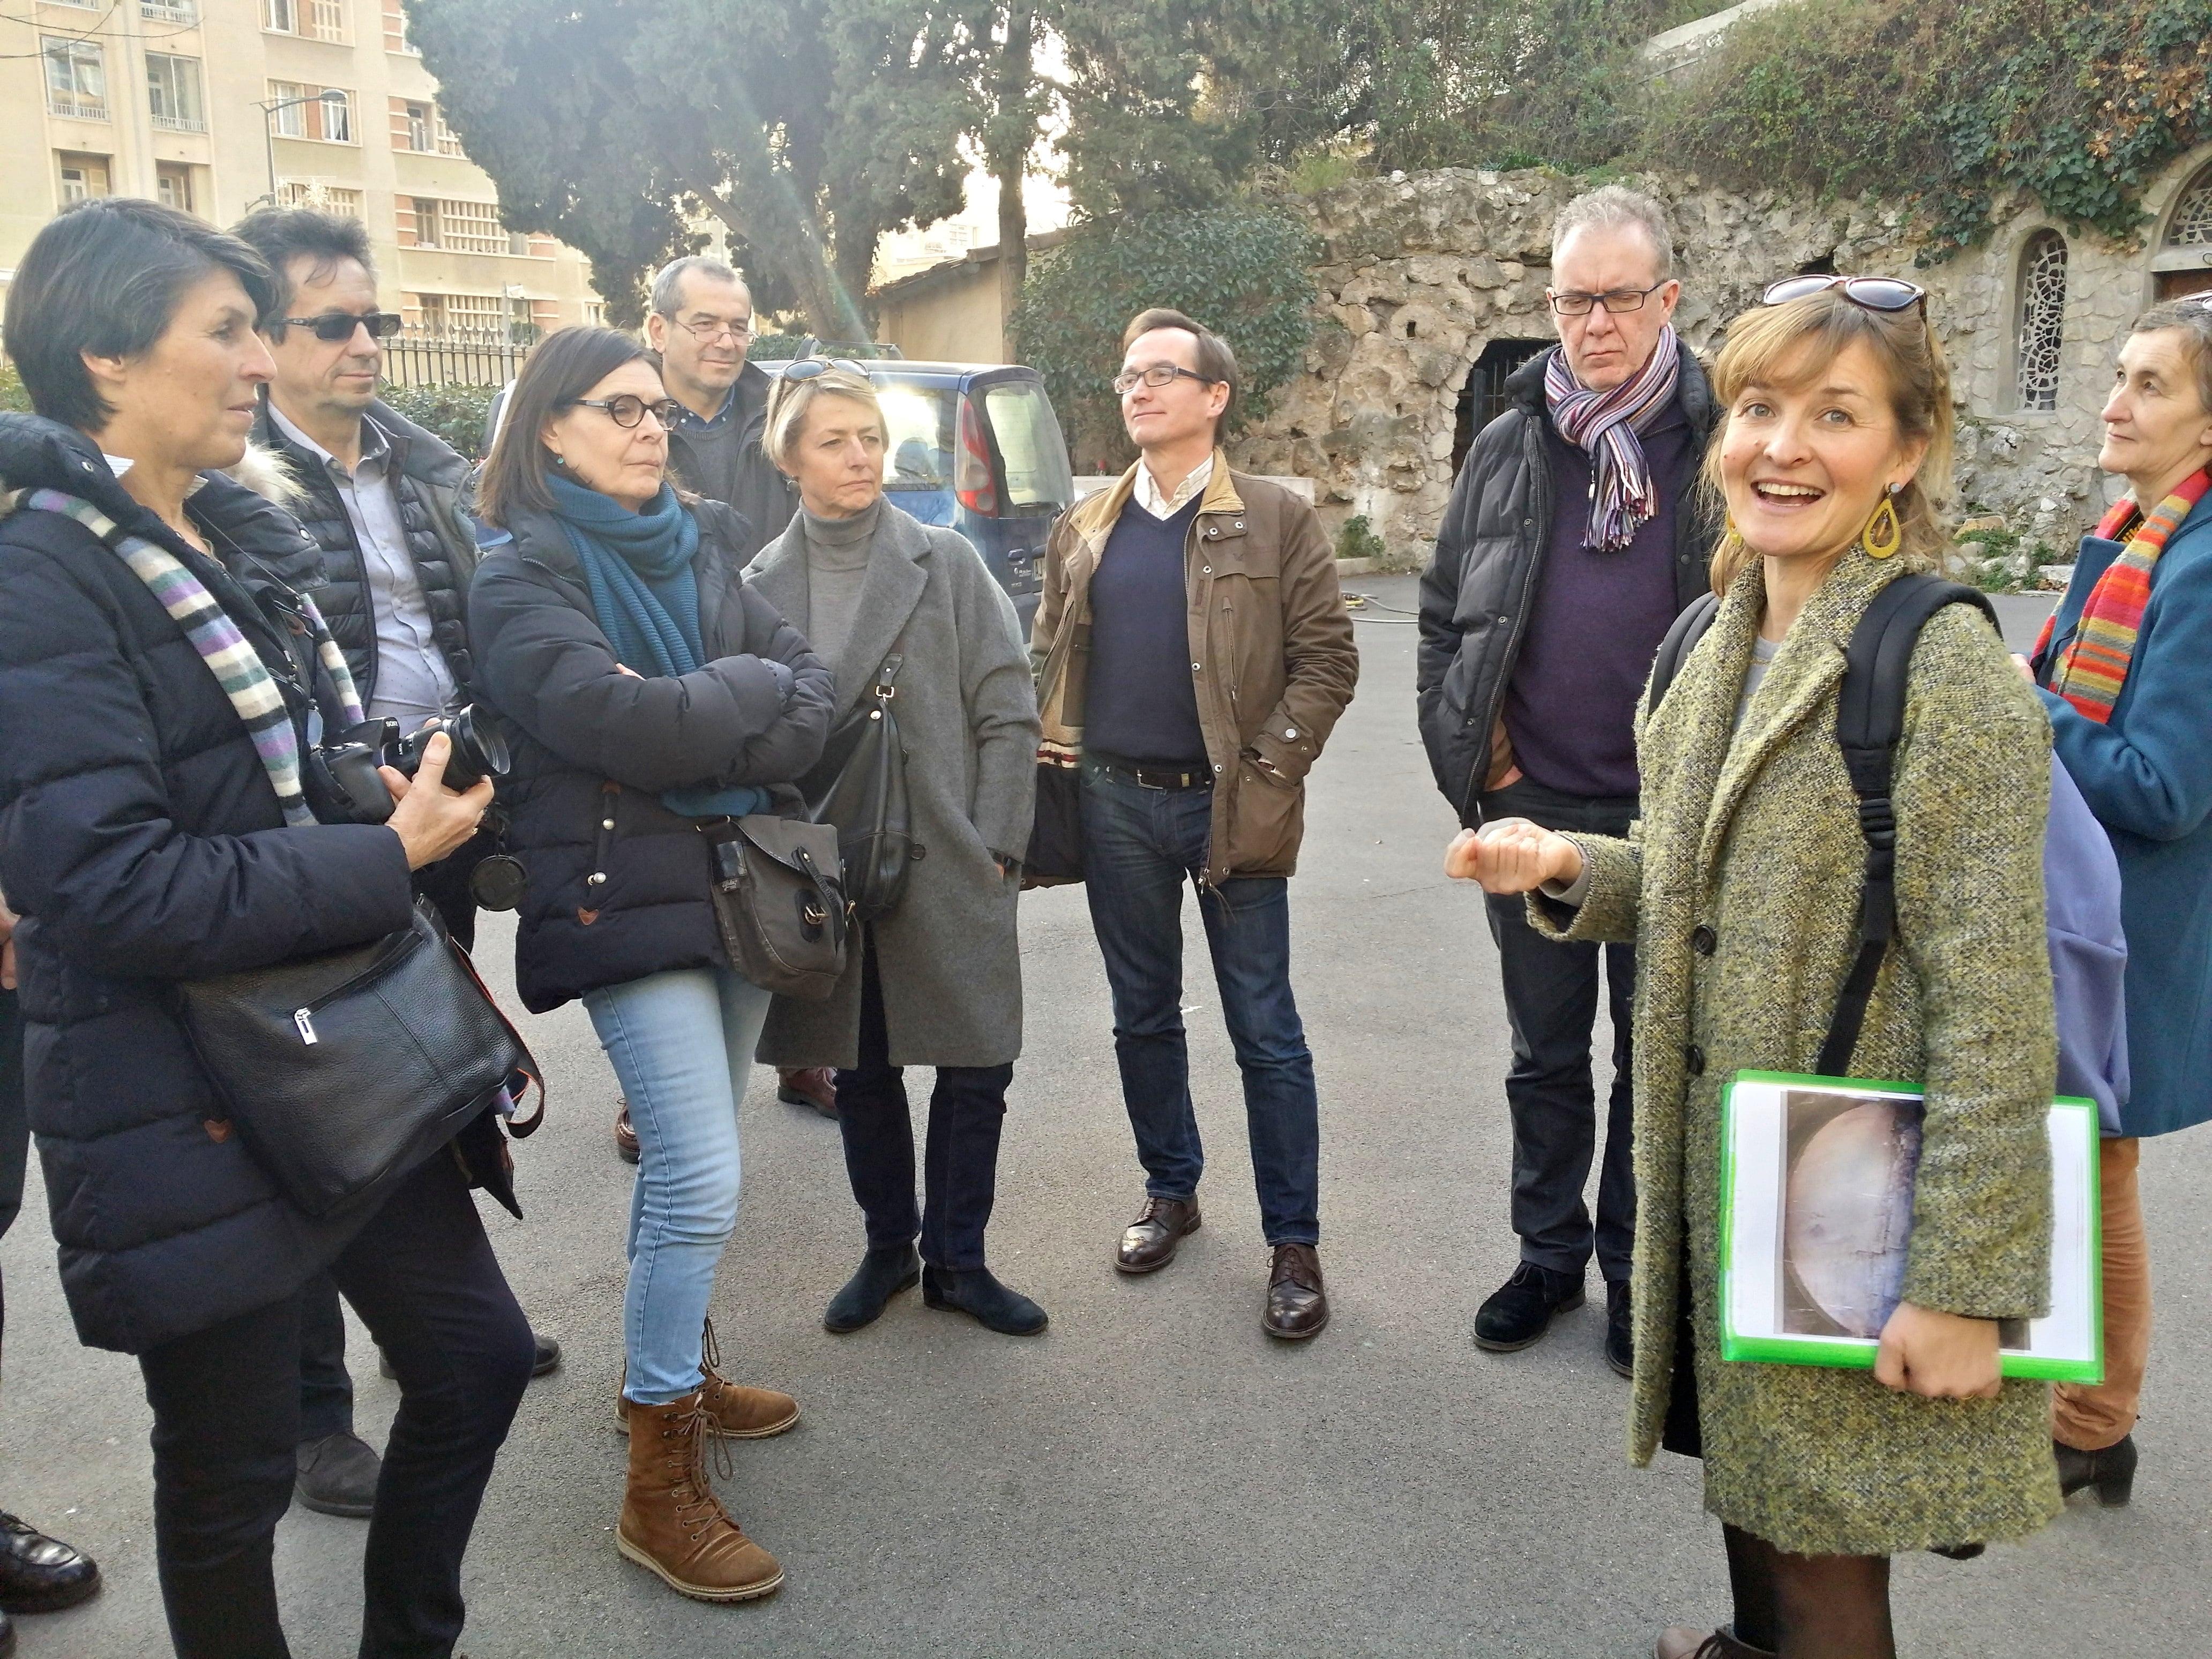 Visite guidée par Justine Coste à Marseille - Justine Coste - Guide touristique à Marseille